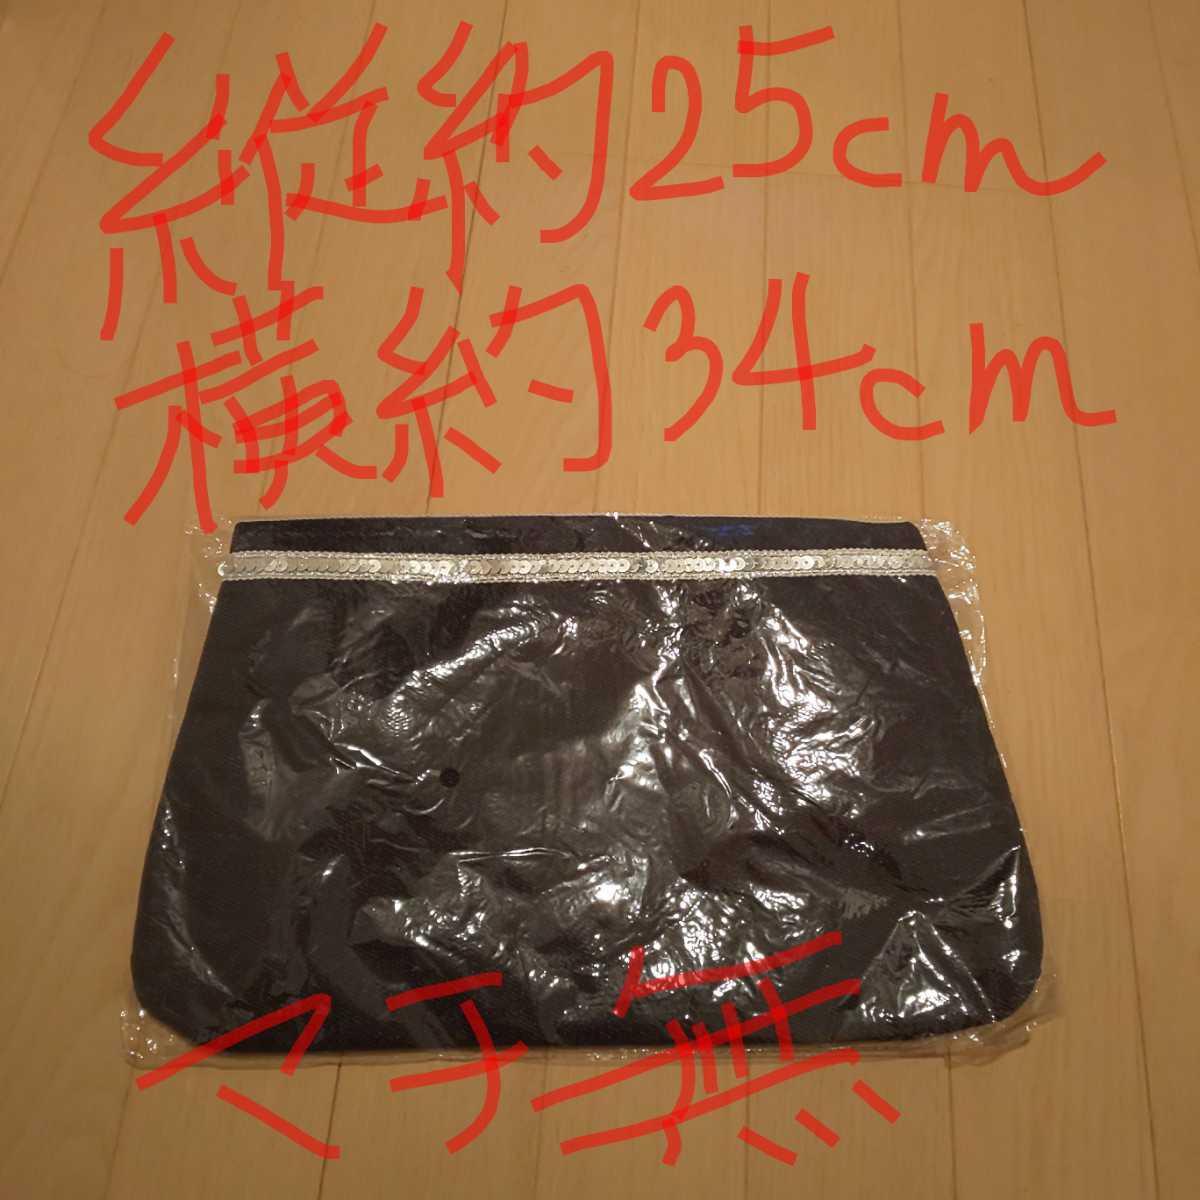 同梱可能 1円スタート! 新品未使用品 トートバッグ バックインバック セカンドバック レディース 女性用 akichan7777jp_画像3